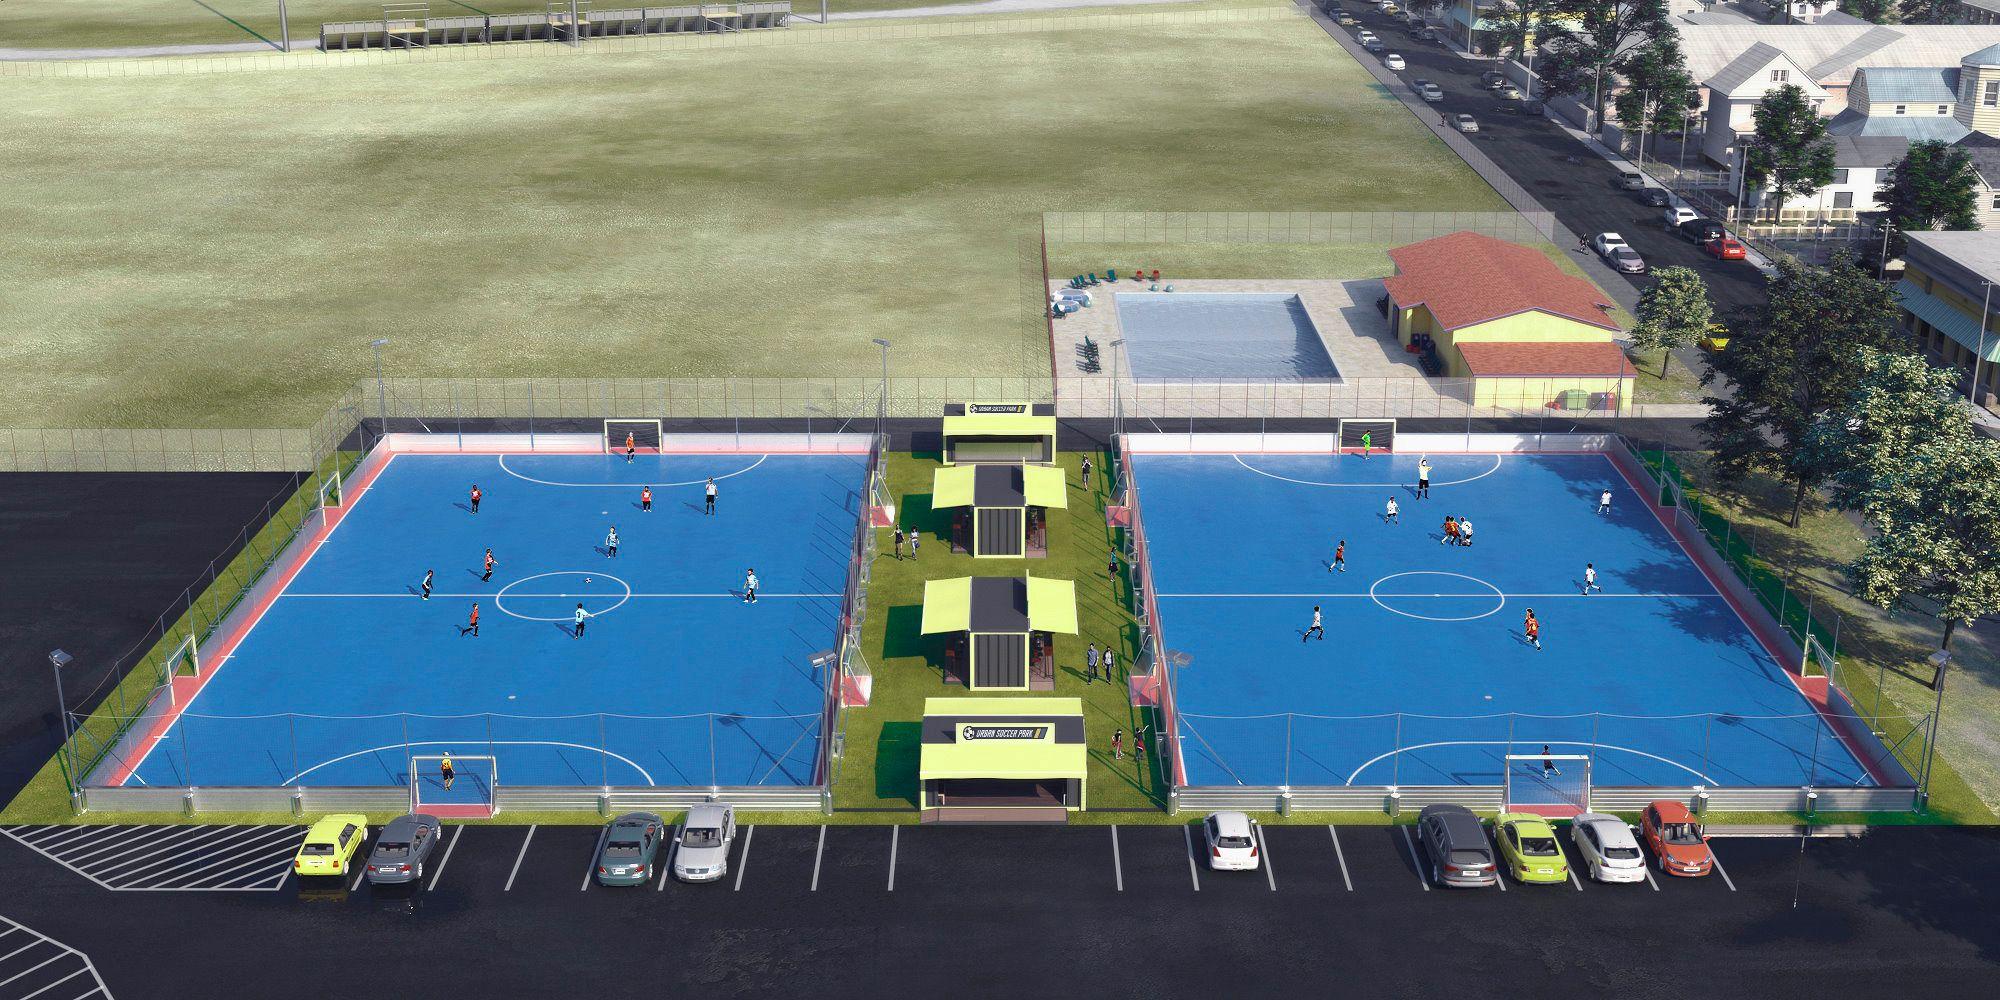 Futsal Courts Futsal Court Football Pitch Professional Soccer